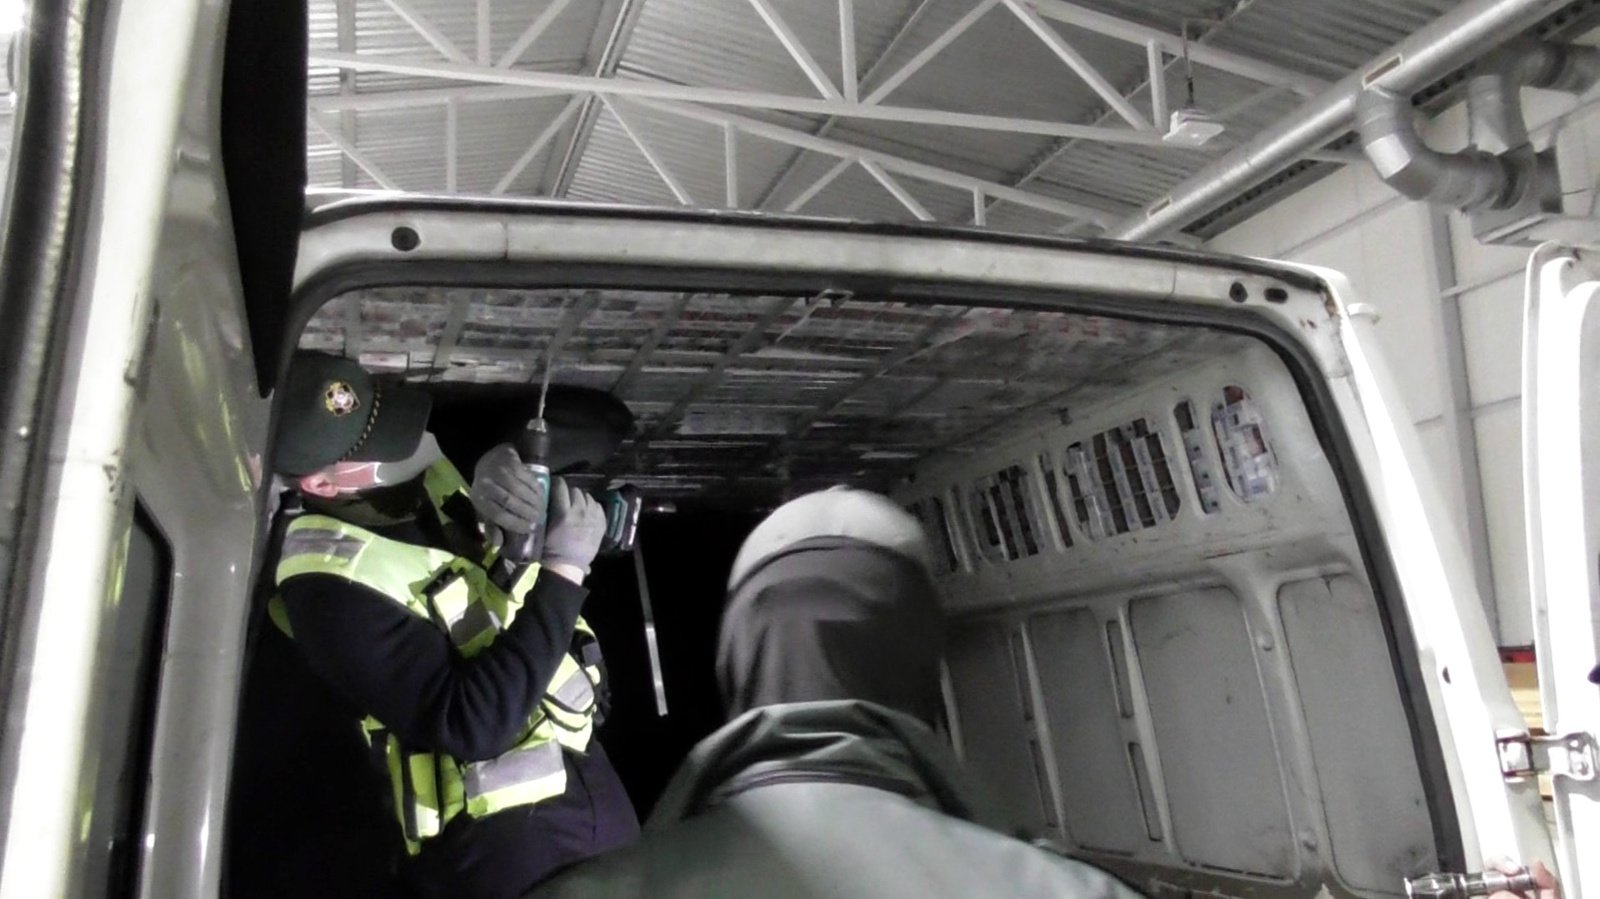 Šalčininkų poste sulaikyti 3 įtariami kontrabandininkai ir muitininkas